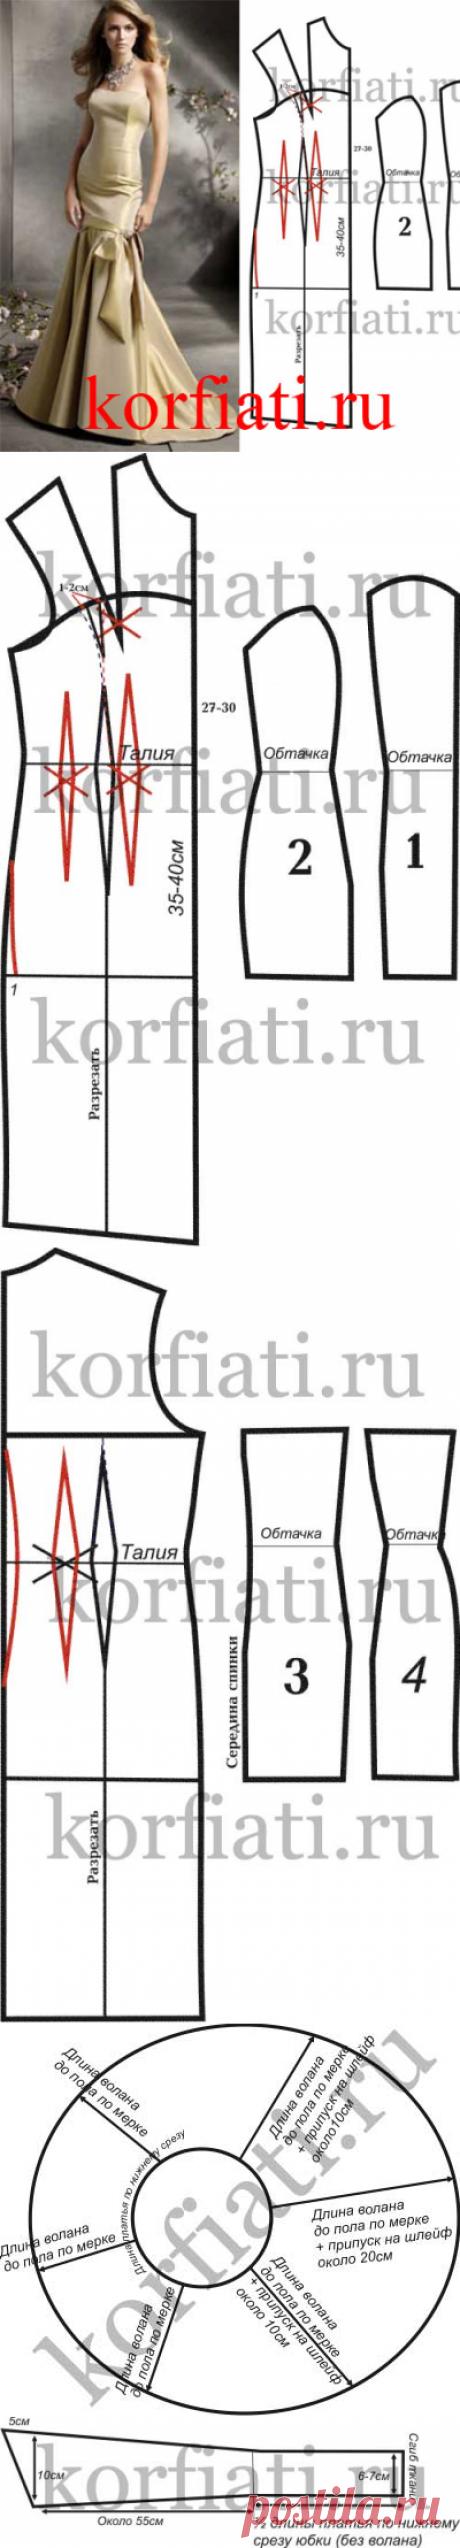 Выкройка платья годе от Анастасии Корфтиати